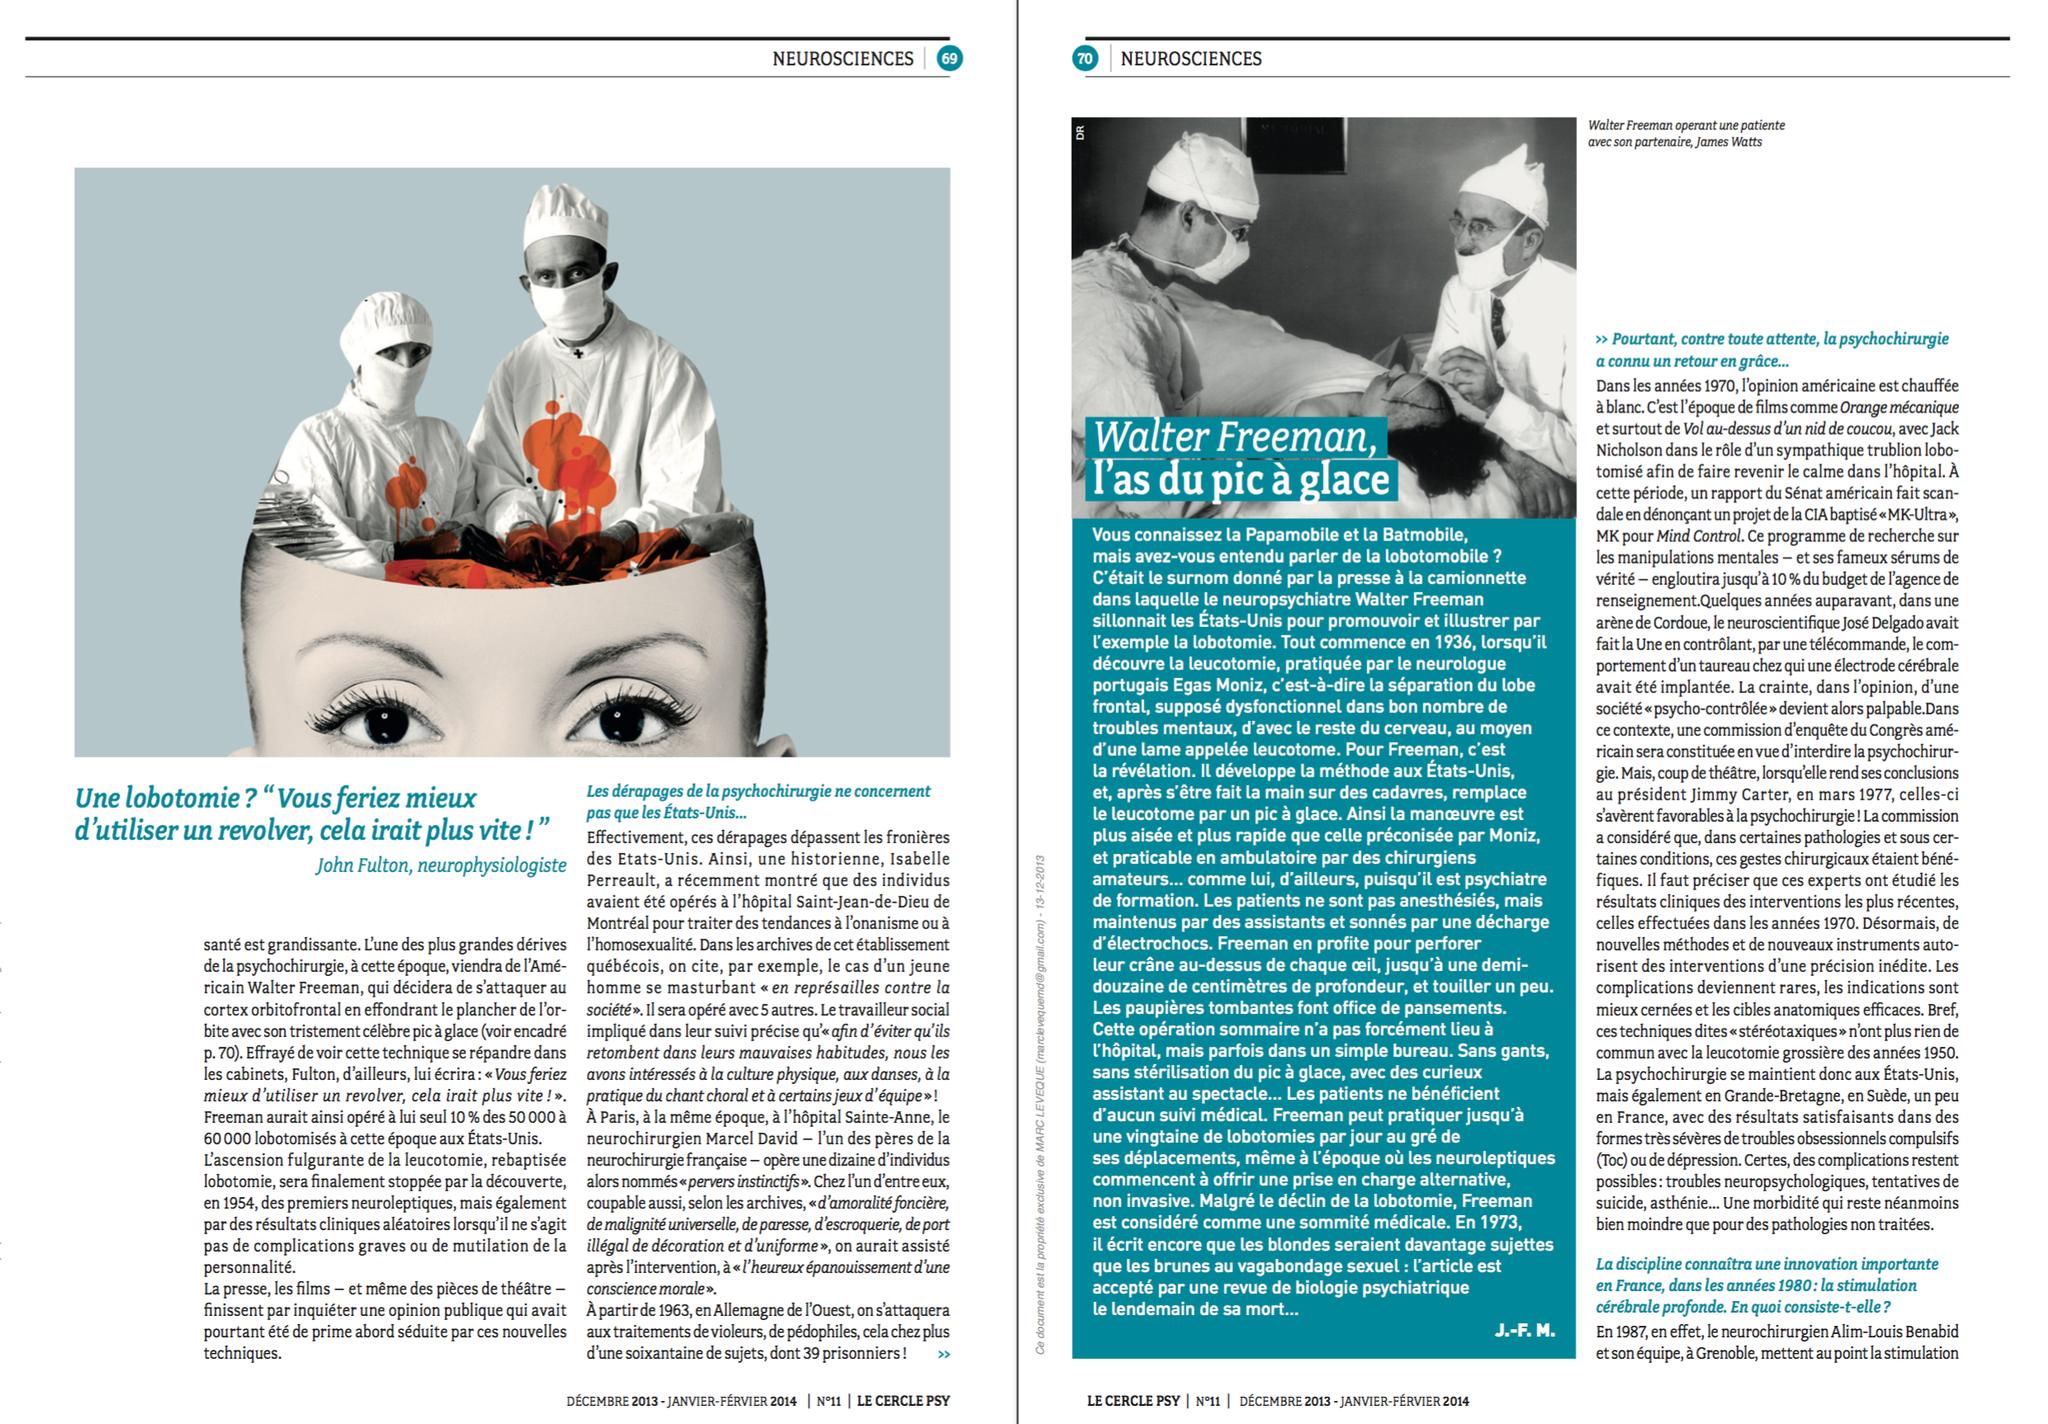 Cercle Psy - La psychochirurgie : entre promesse et repentir - 02/02/14   (2-3)